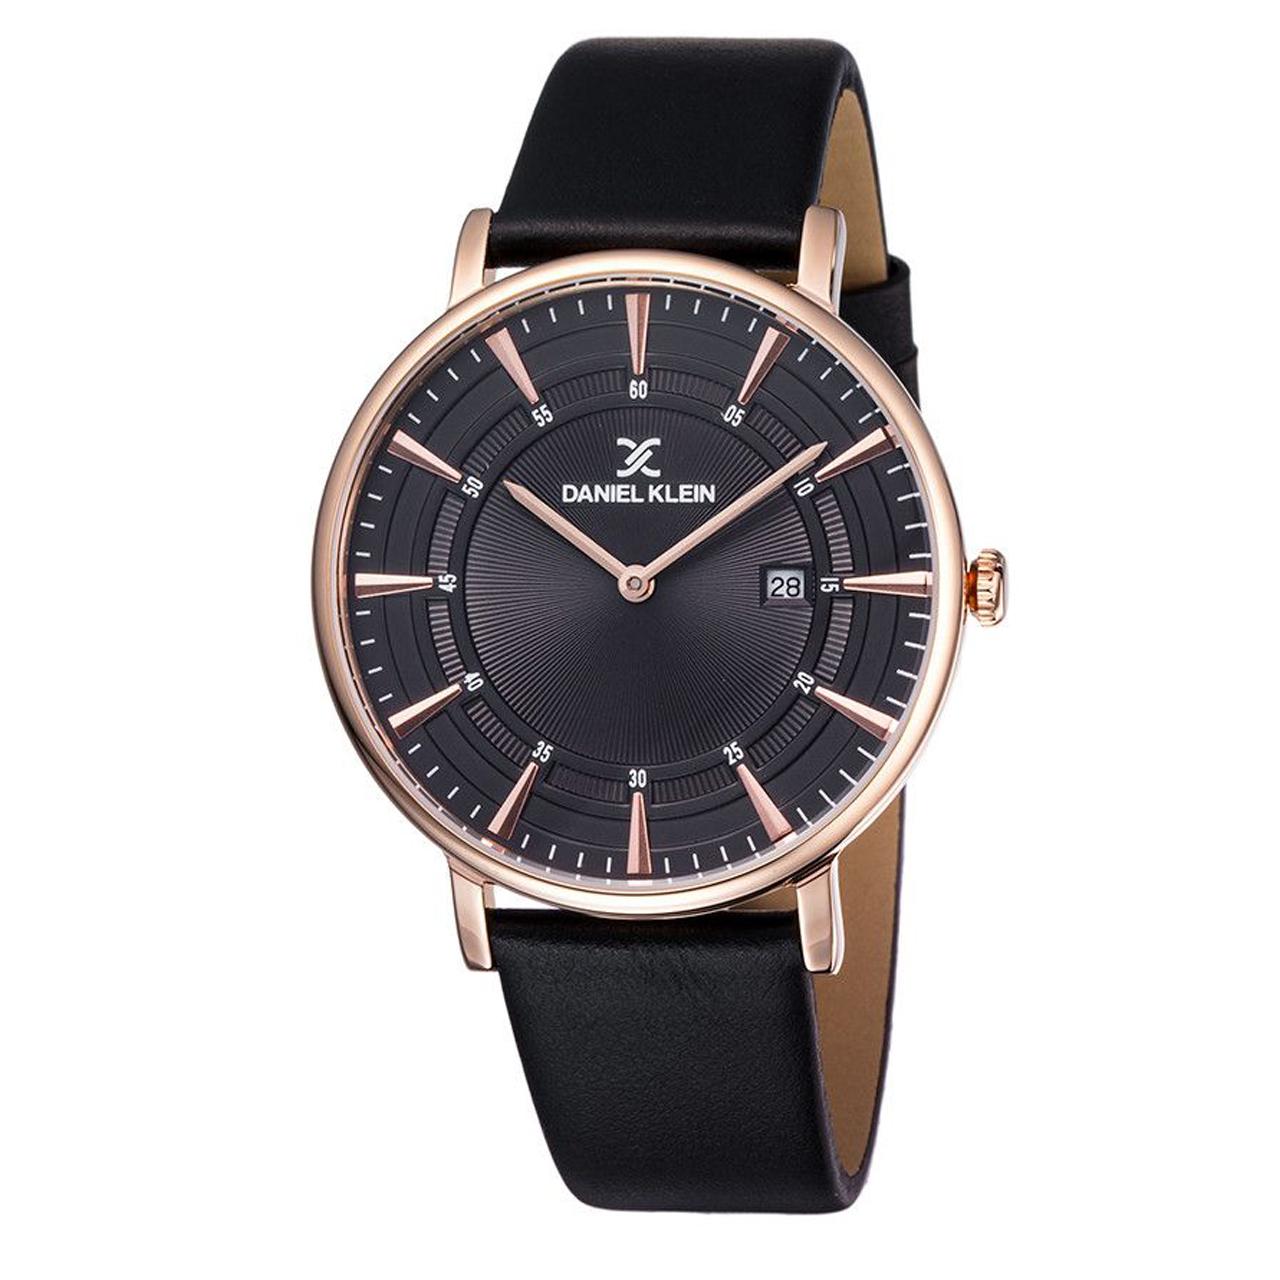 ساعت مچی عقربه ای مردانه دنیل کلین مدل dk11997-2 به همراه دستمال مخصوص برند کلین واچ 43